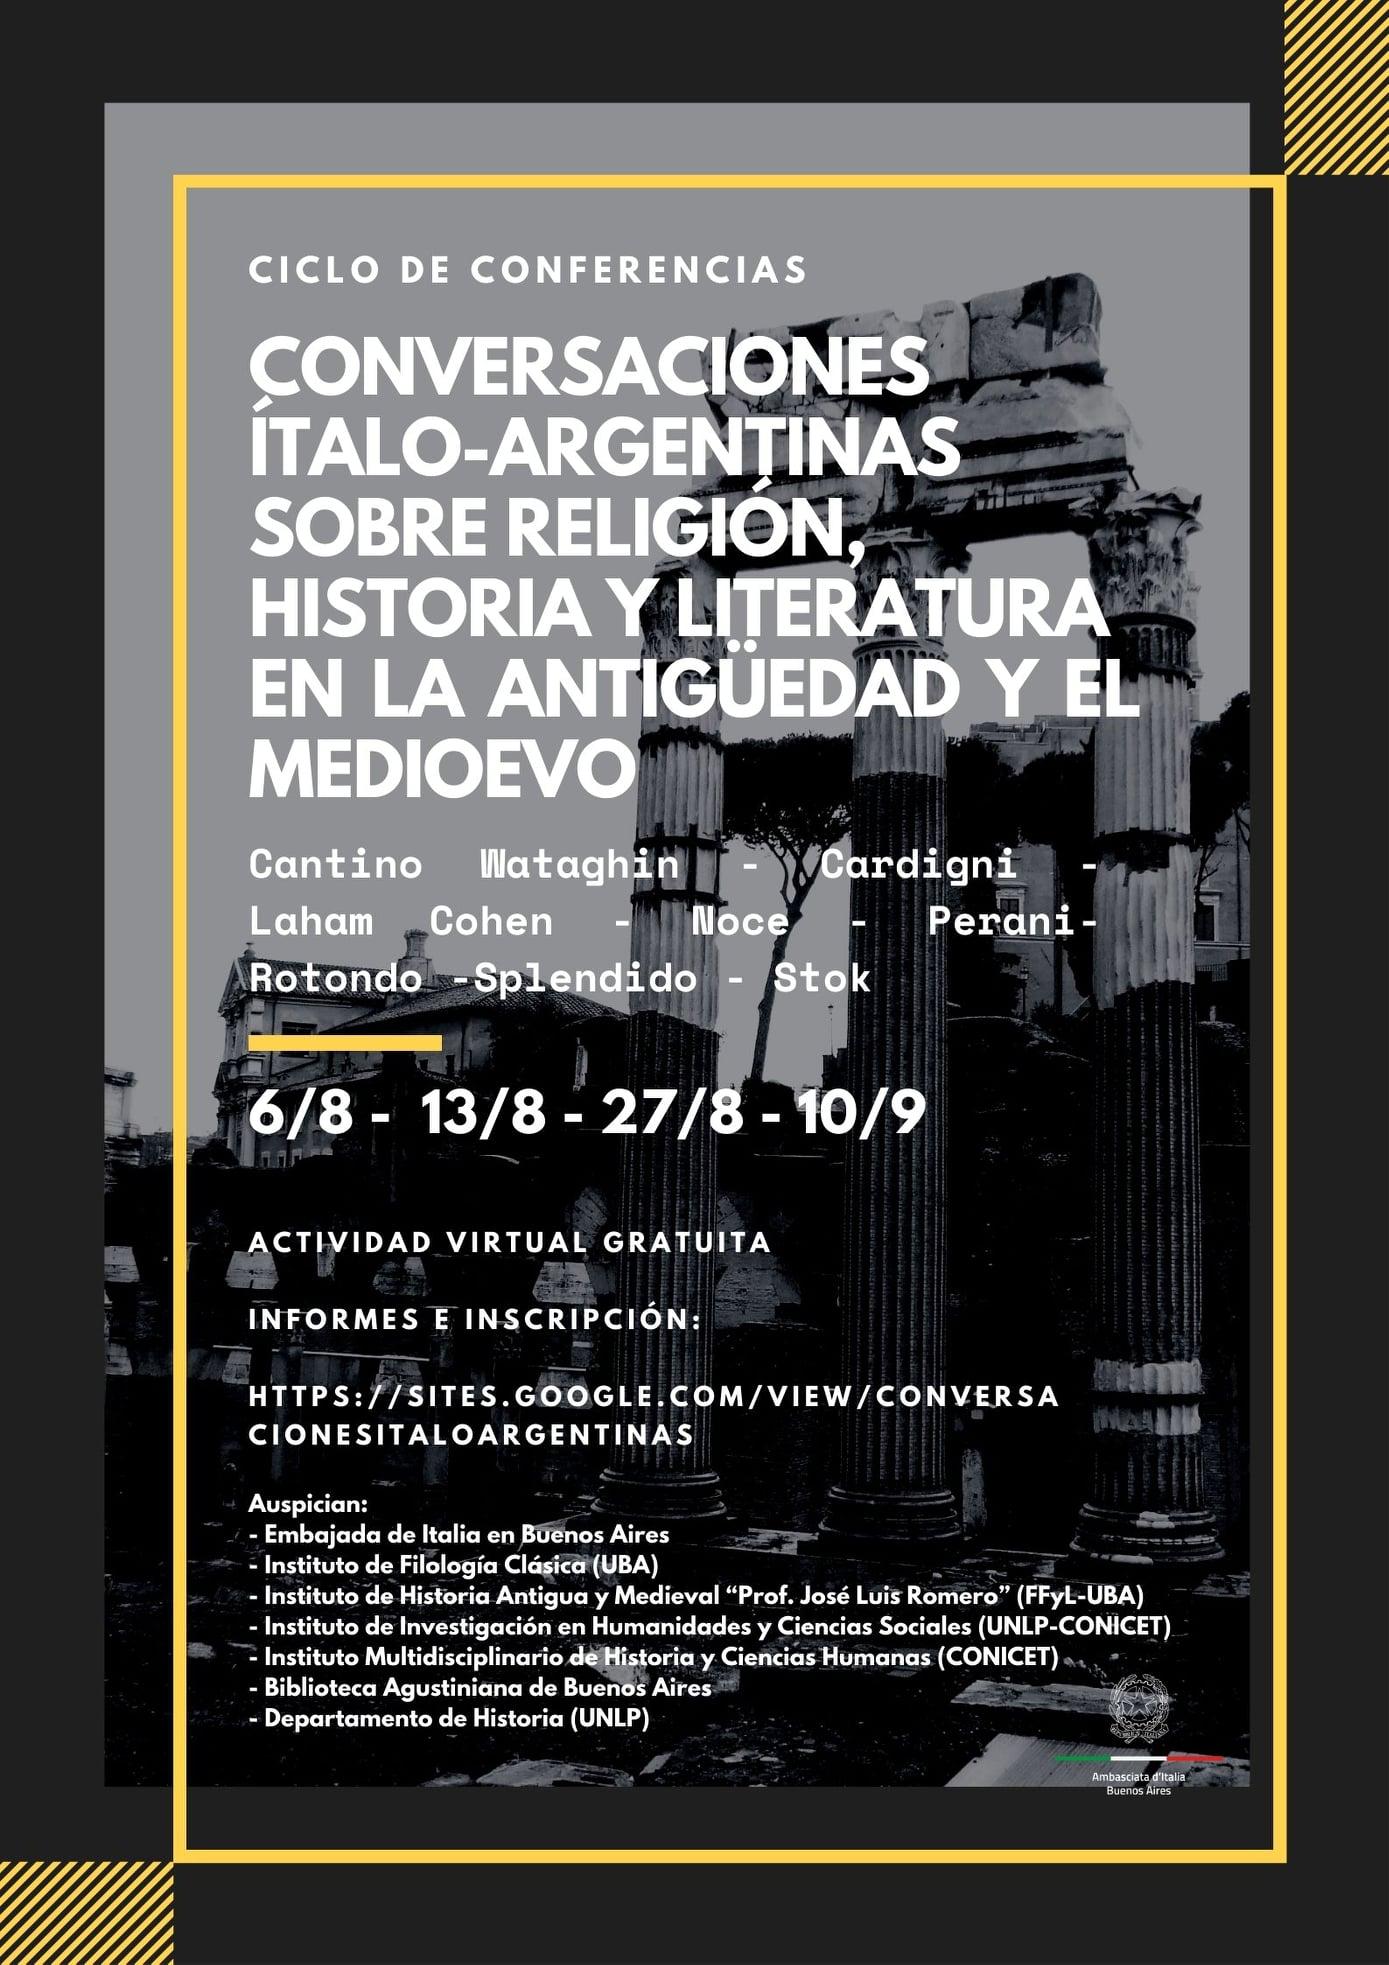 Conversaciones Italo Argentinas -Conversaciones Italo Argentinas Flyer